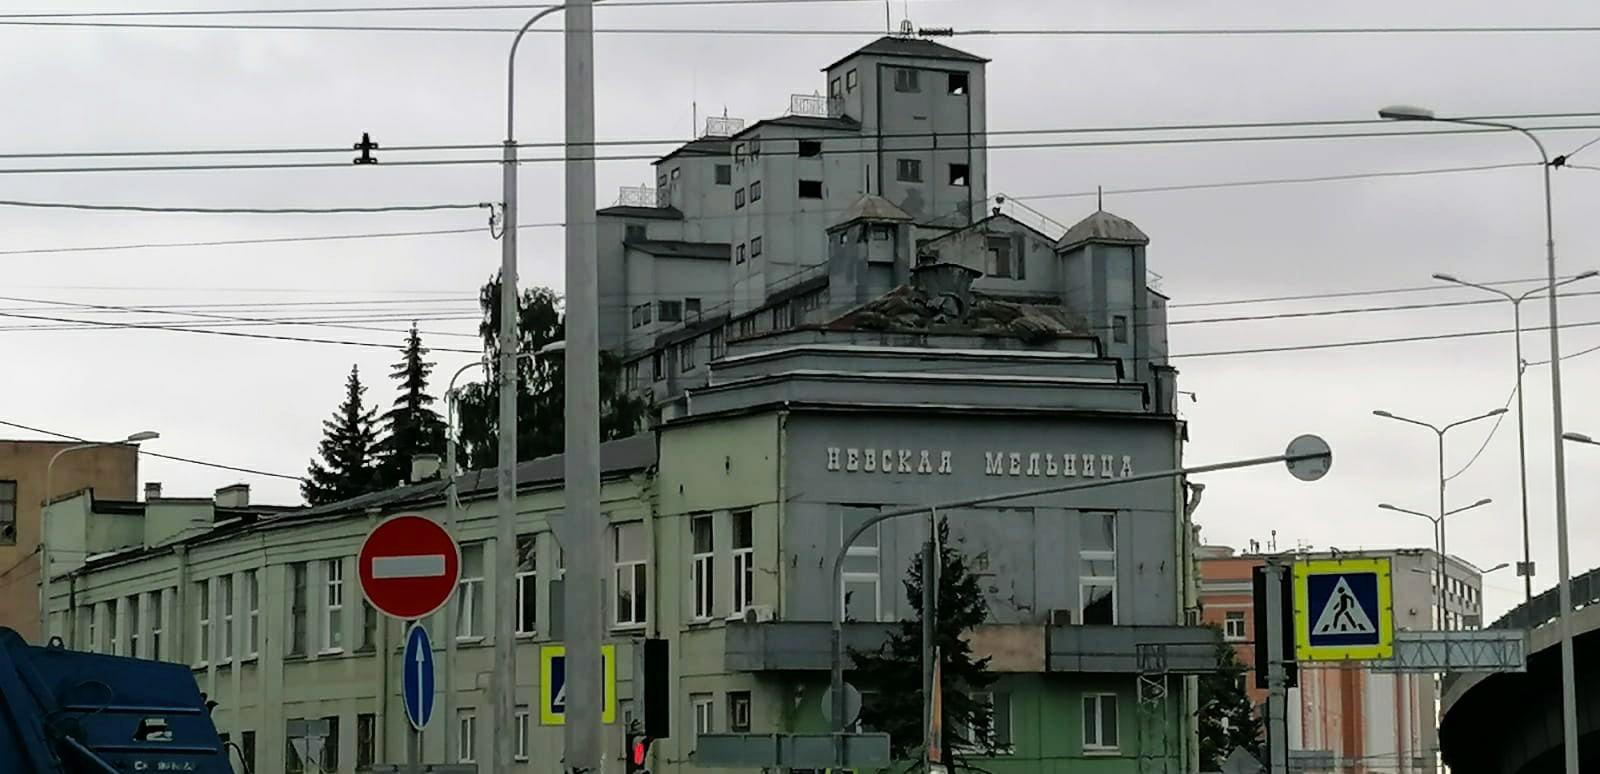 Проспект Обуховской обороны.Санкт-Петербург-Ленинград.